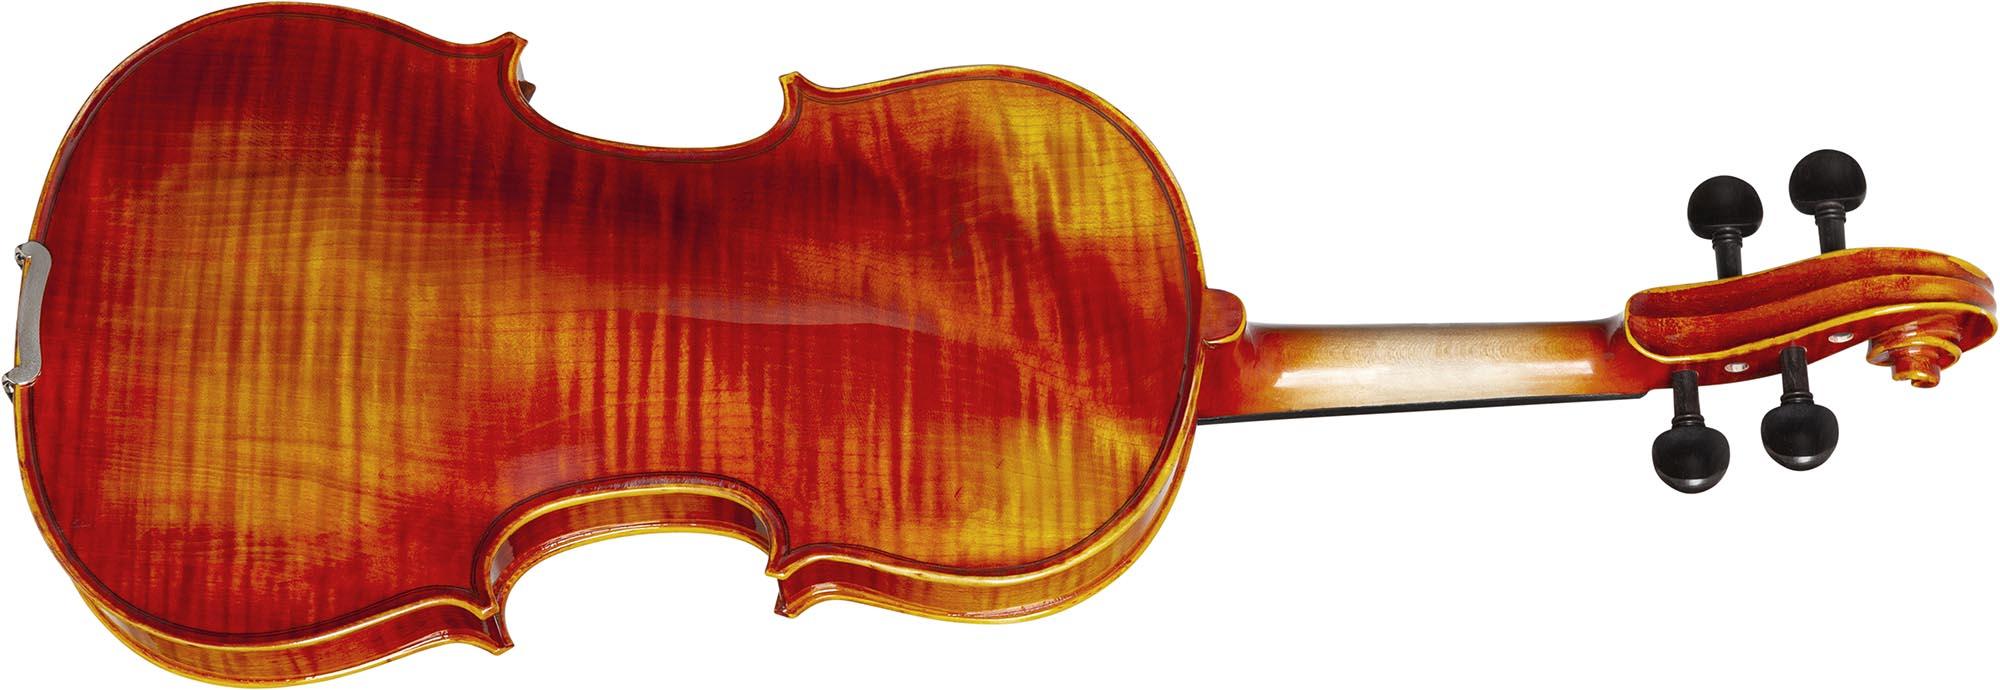 ve845 violino eagle ve845 visao posterior